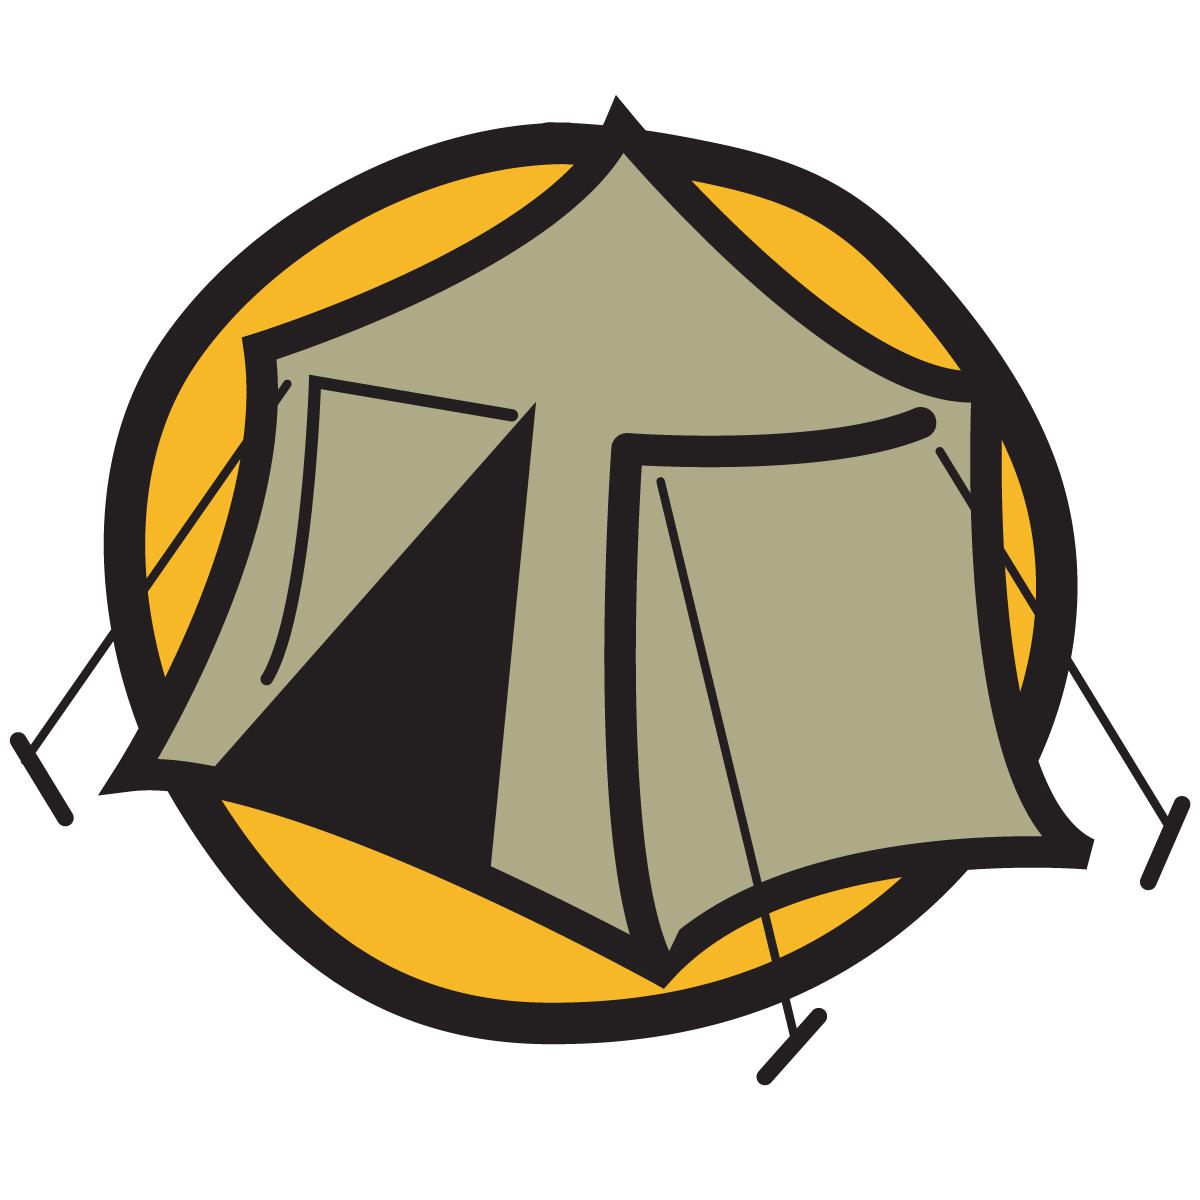 Camper clipart campfire Symbol The Tent Symbol Clipart